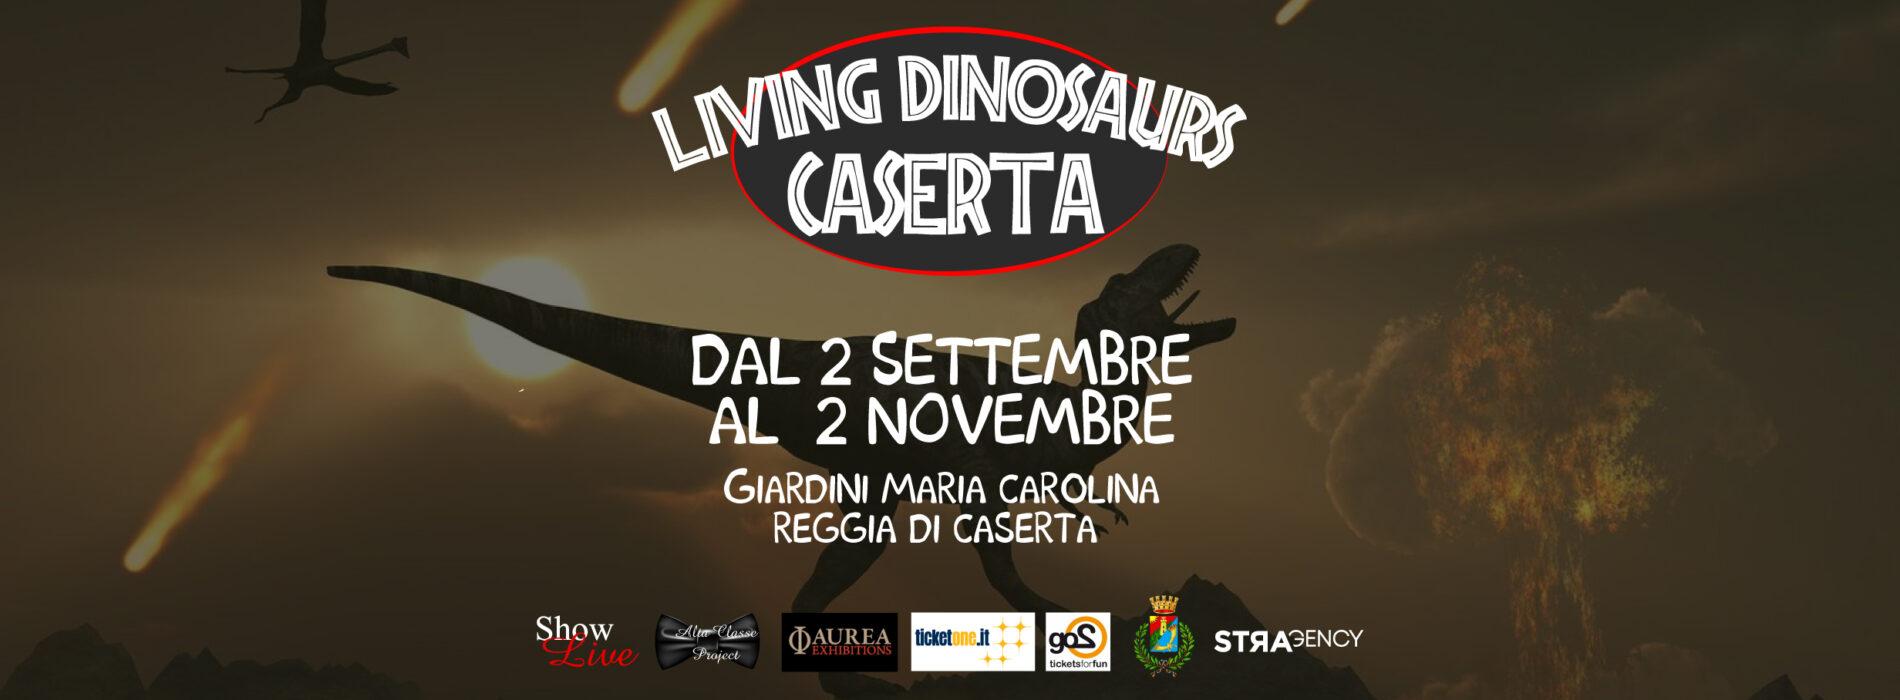 Living Dinosaurs, la mostra al Parco Maria Carolina fino al 2 novembre